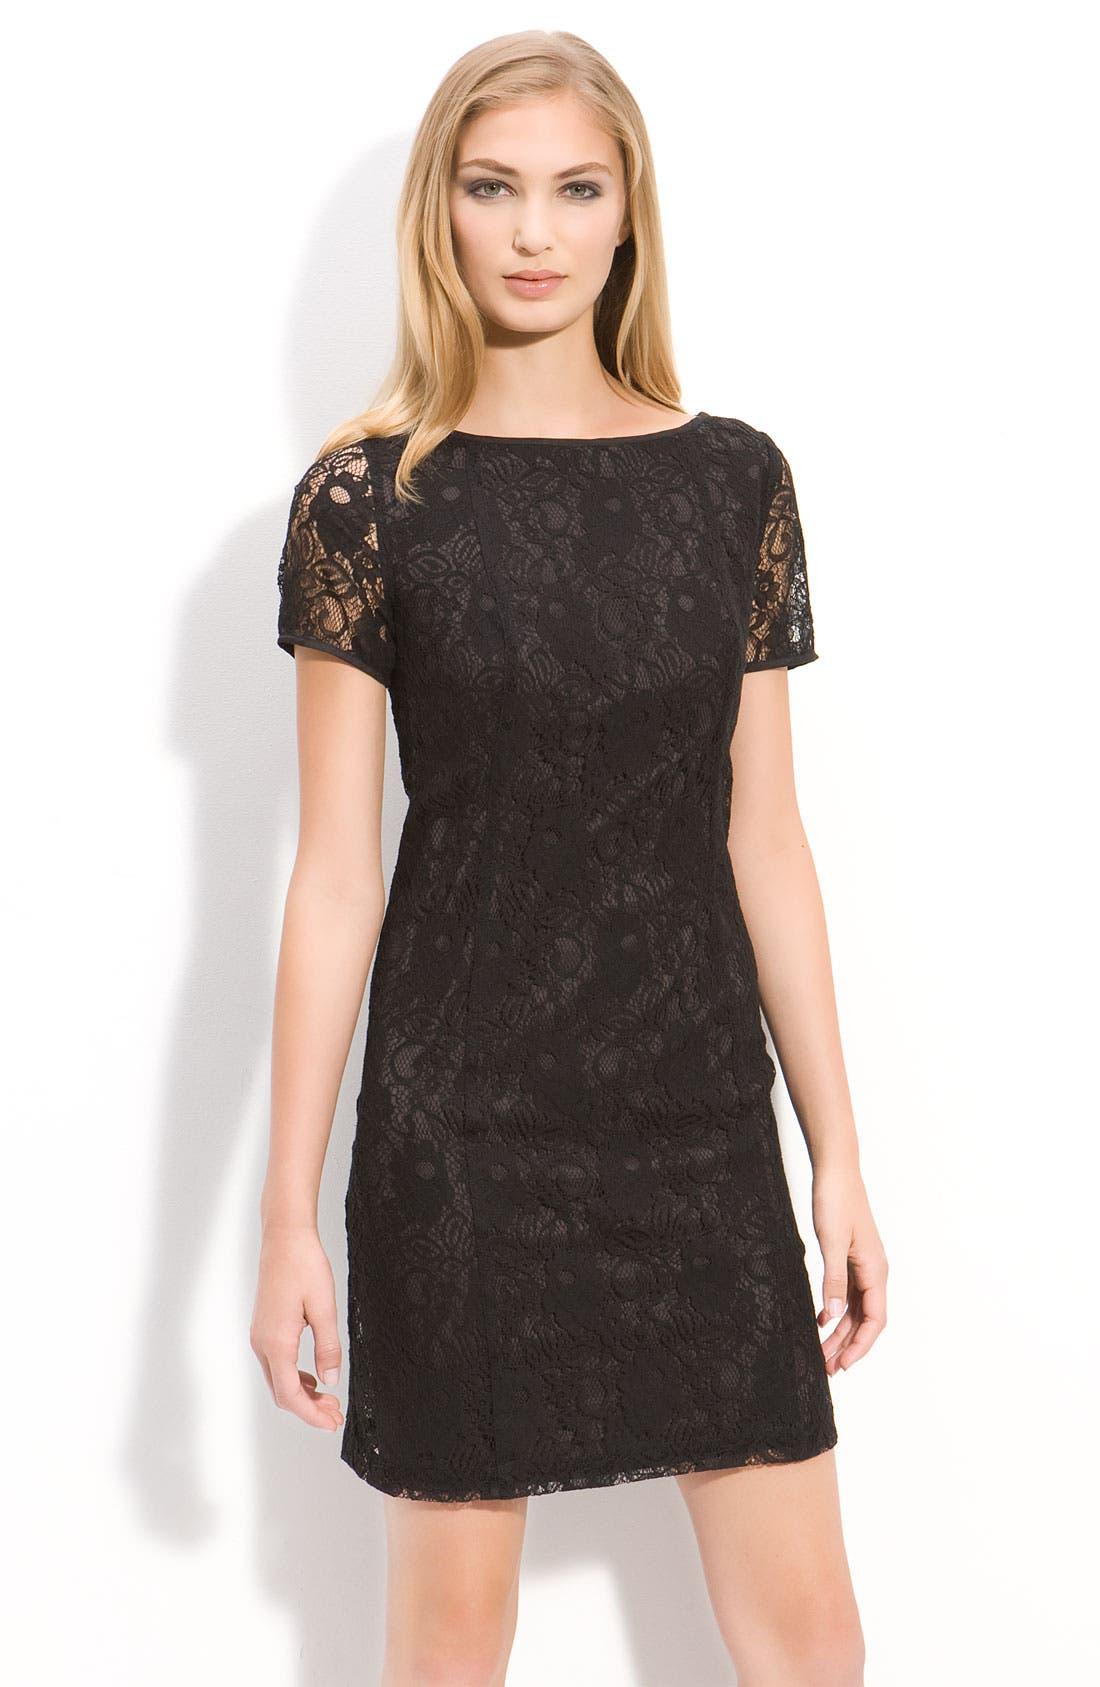 Alternate Image 1 Selected - Classiques Entier® 'Versailles' Lace Dress